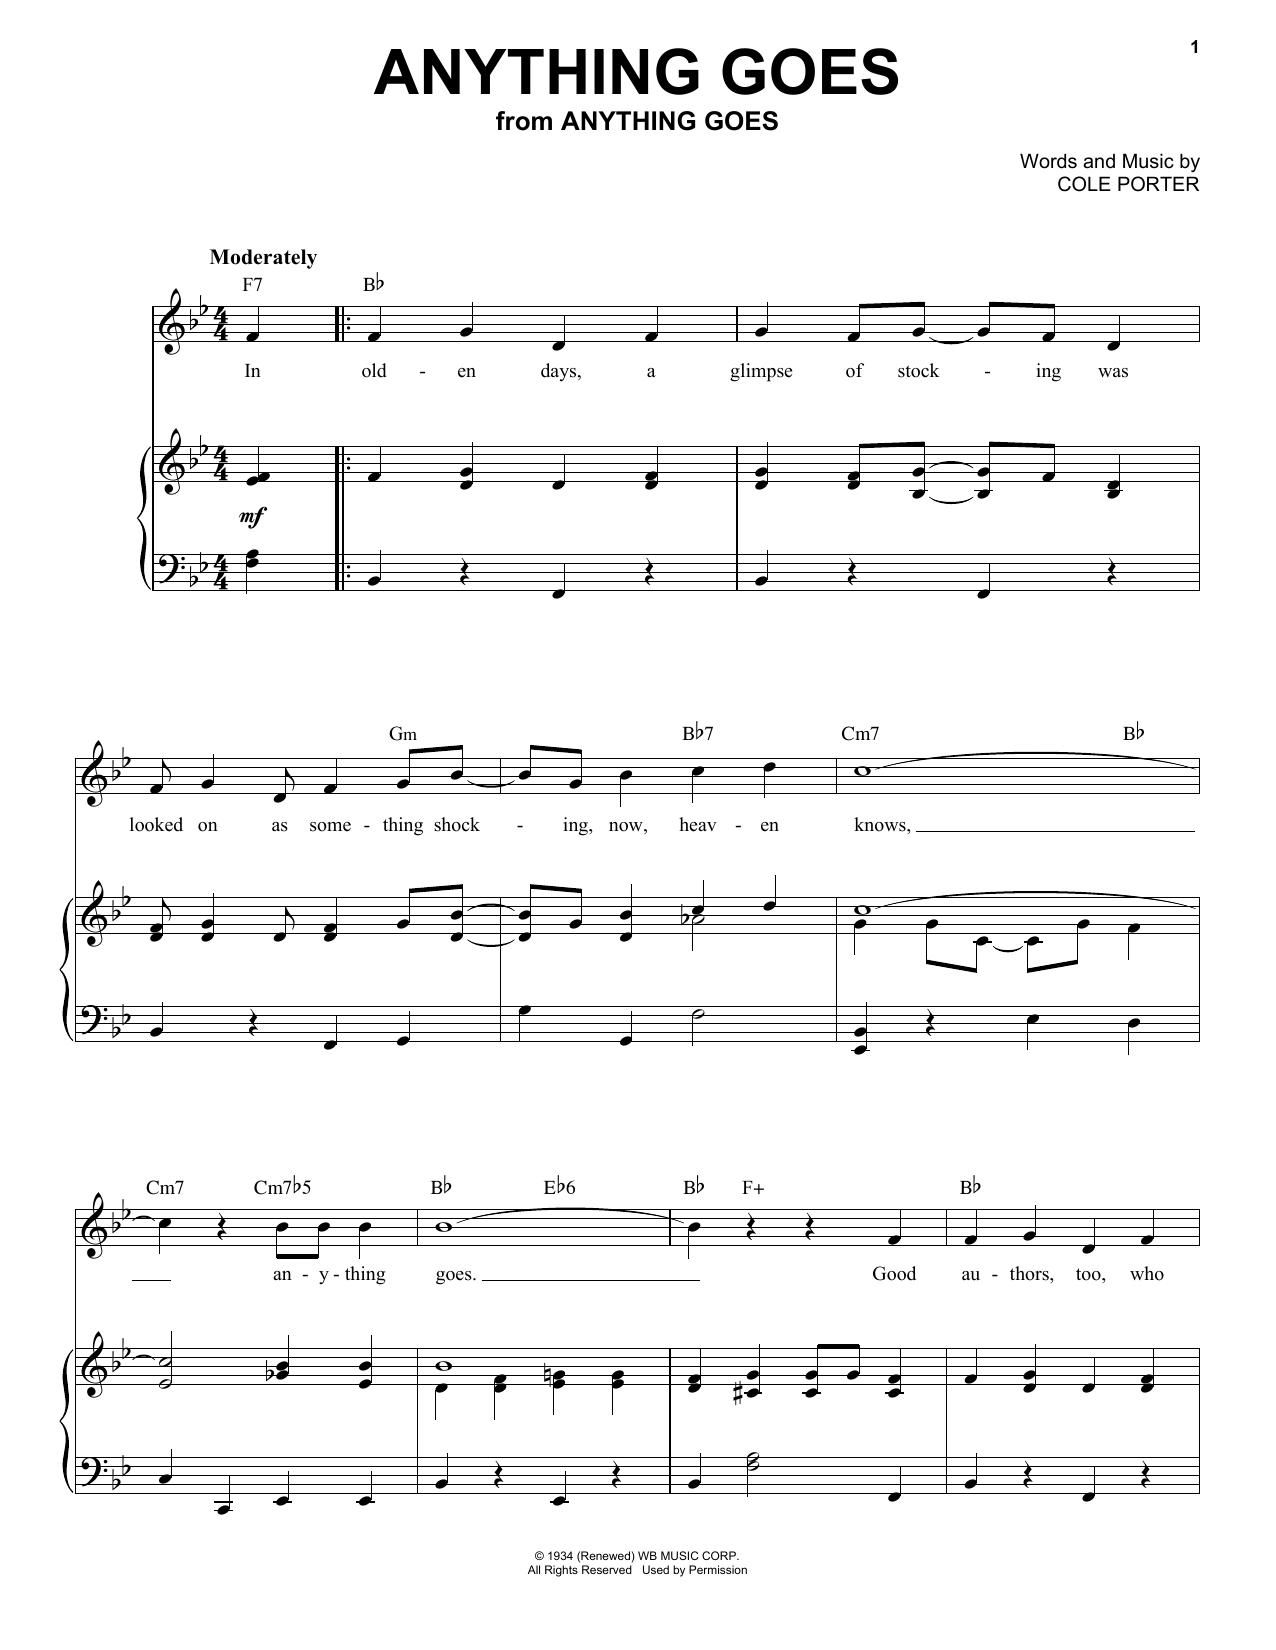 Cole Porter - Anything Goes: Anything Goes!!! Lyrics